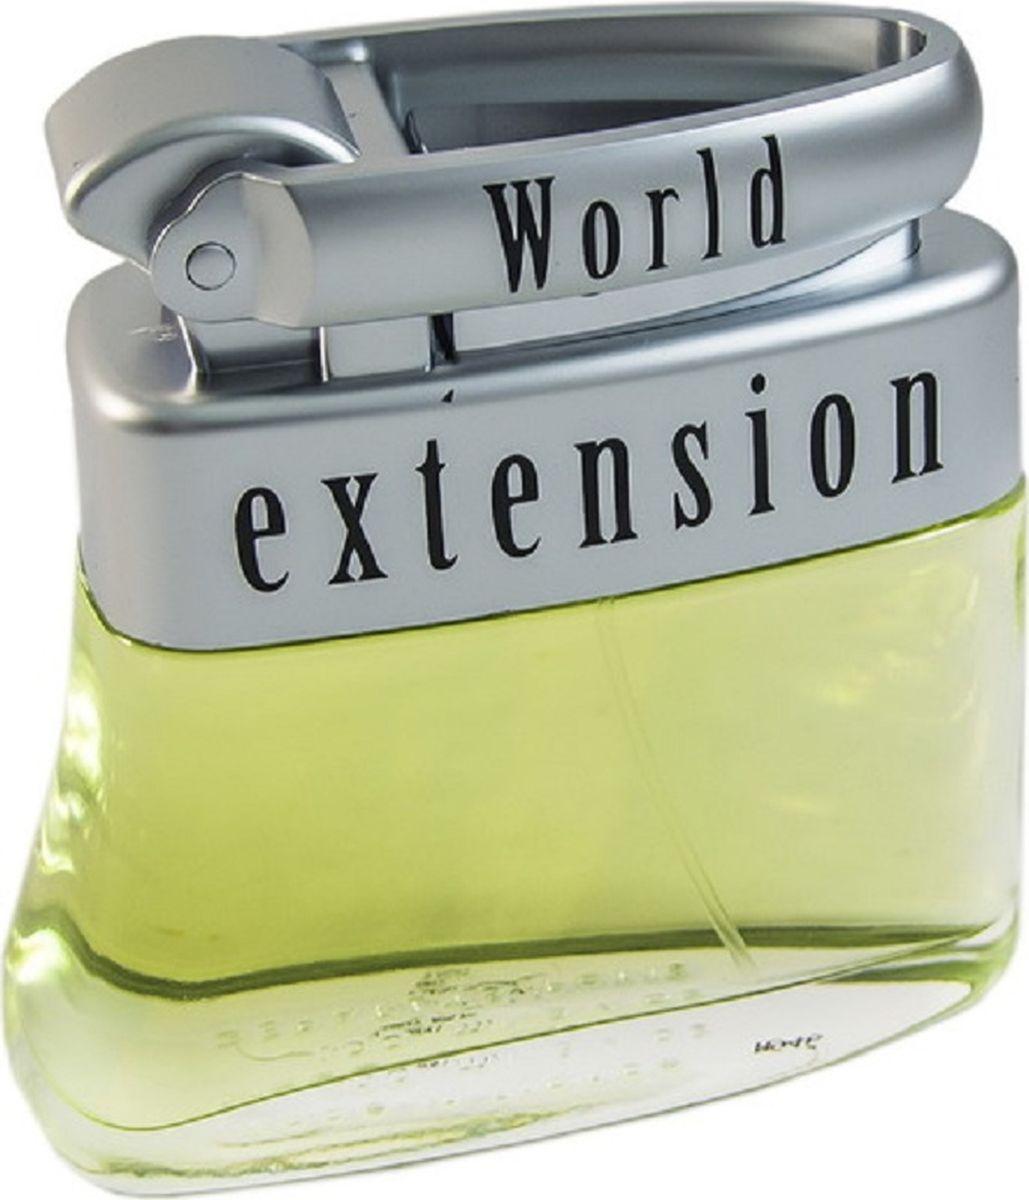 Geparlys Туалетная вода World Extension men, 100 млNMS-620H-EUИзвестный аромат Geparlys WORLD EXTENSION men придется по вкусу всем ценителям классики. Древесно-цитрусовый, пряный, умеренный. Основная парфюмерная композиция: имбирь, чайное дерево, гранат, амбра, цедра.